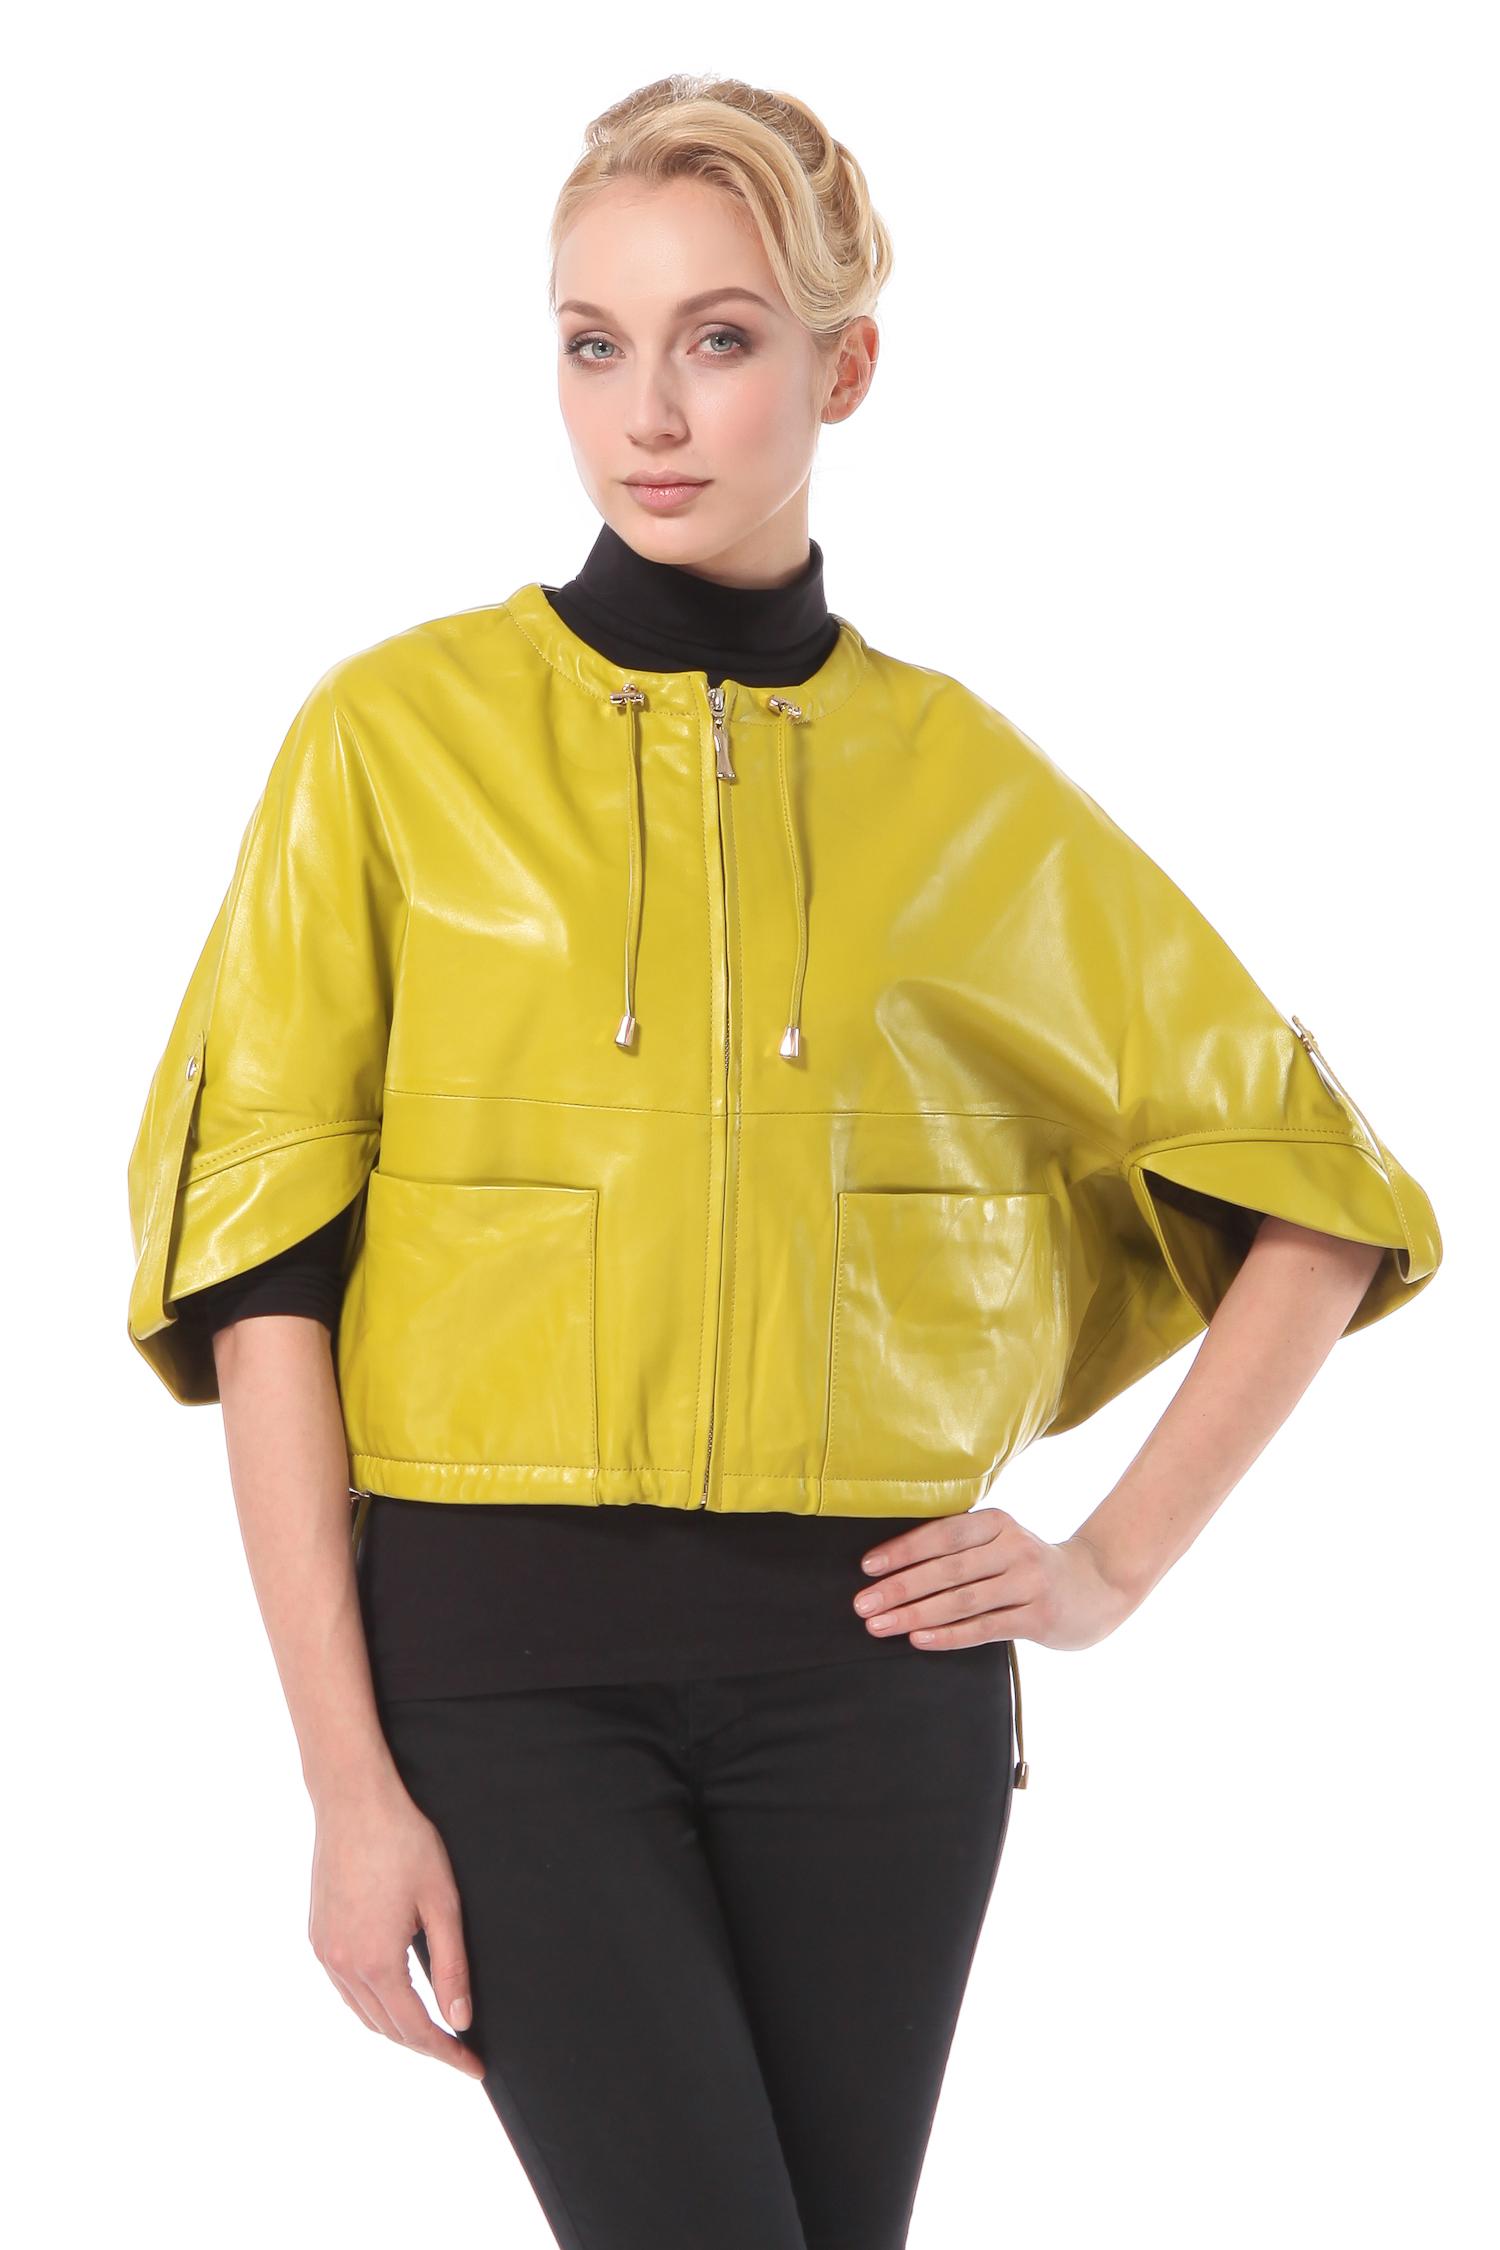 Женская кожаная куртка из натуральной кожи с капюшоном, без отделкиНеобычная женская кожаная куртка для поклонниц стиля casual.<br><br>Объемная по форме и укороченная, выполненная из мягкой кожи отличного качества, эта куртка подчеркнет все Ваши достоинства и украсит весенний гардероб!<br><br>Яркий насыщенный цвет, модные накладные карманы, застежка молния и декоративная кулиска на горловине - для тех, кто ценит интересный дизайн и комфорт!<br><br>Воротник: капюшон<br>Длина см: Короткая (51-74 )<br>Материал: Кожа овчина<br>Цвет: зеленый<br>Пол: Женский<br>Размер RU: 50